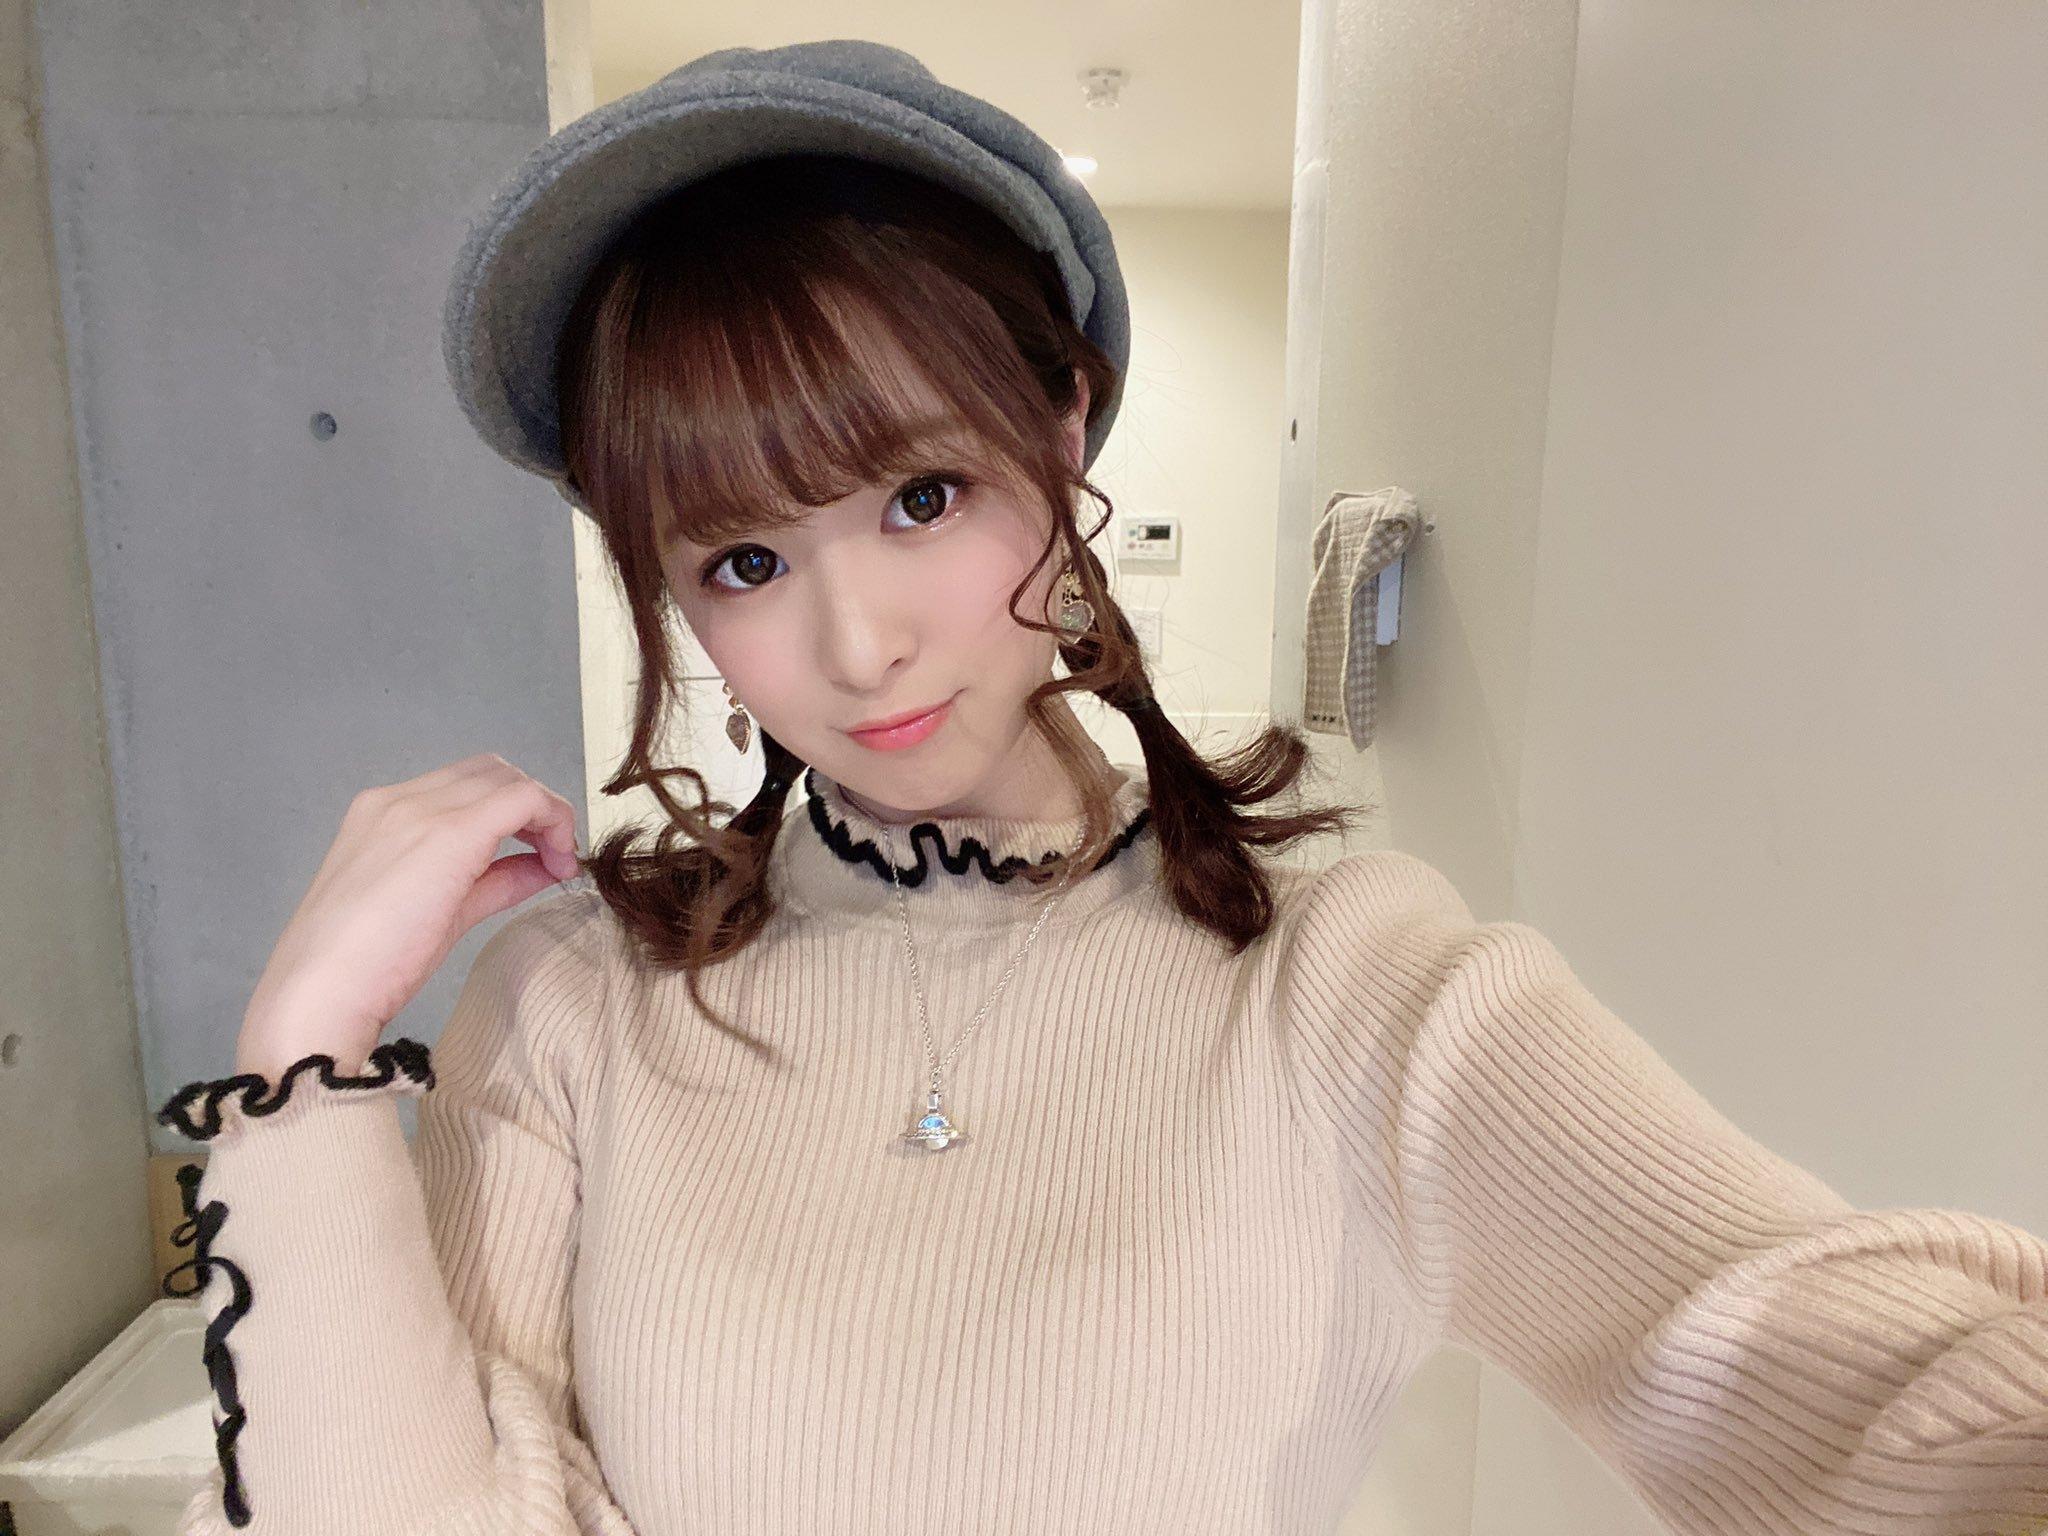 hikari_ninoheee 1240550539525382144_p0